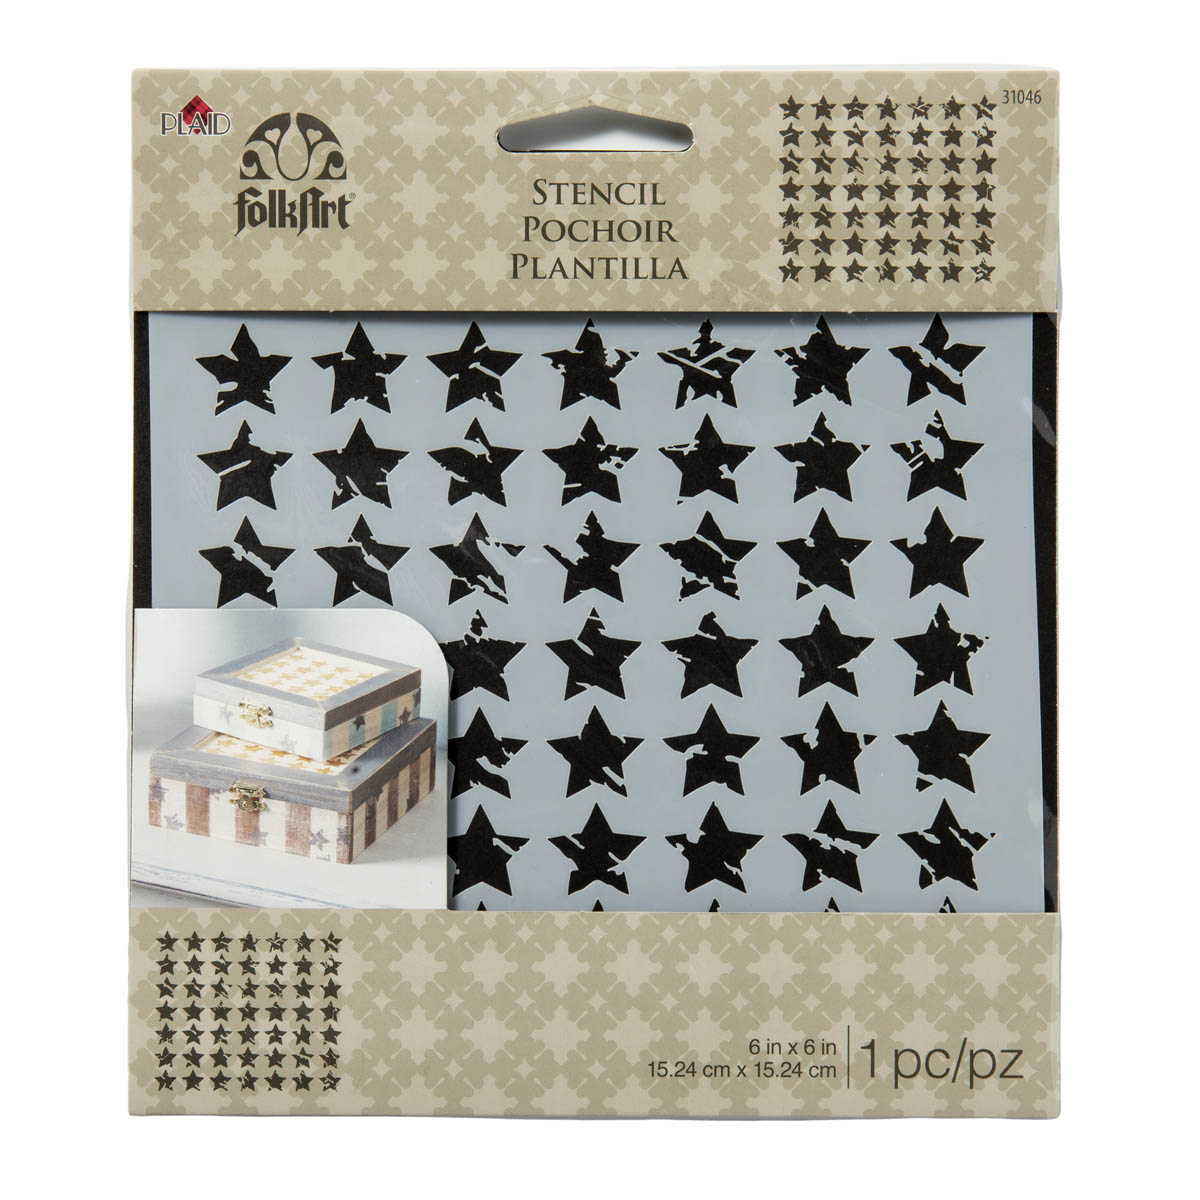 FolkArt ® Painting Stencils - Small - Distressed Stars